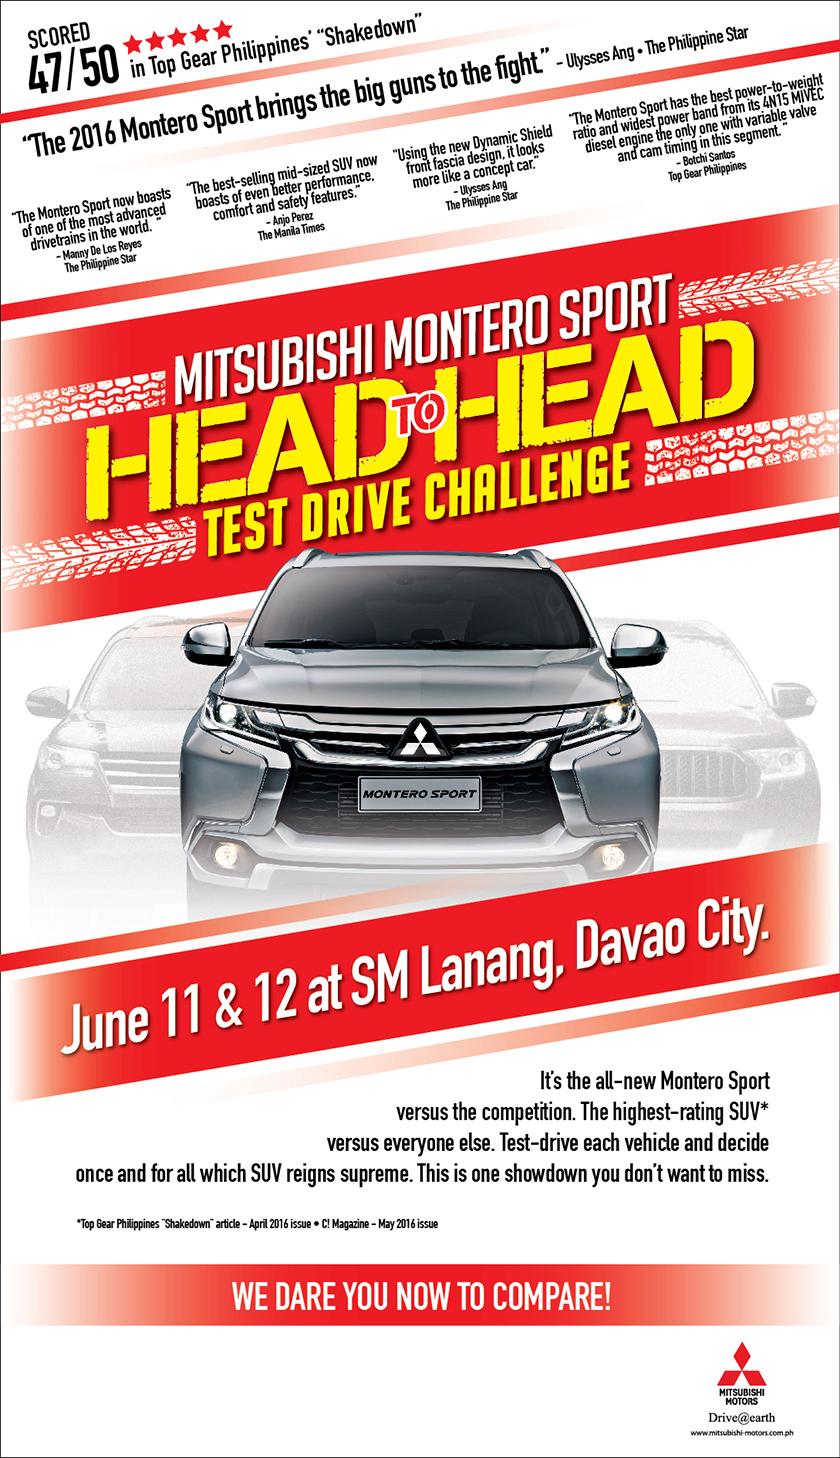 Montero Sport Head to Head Test Drive Challenge